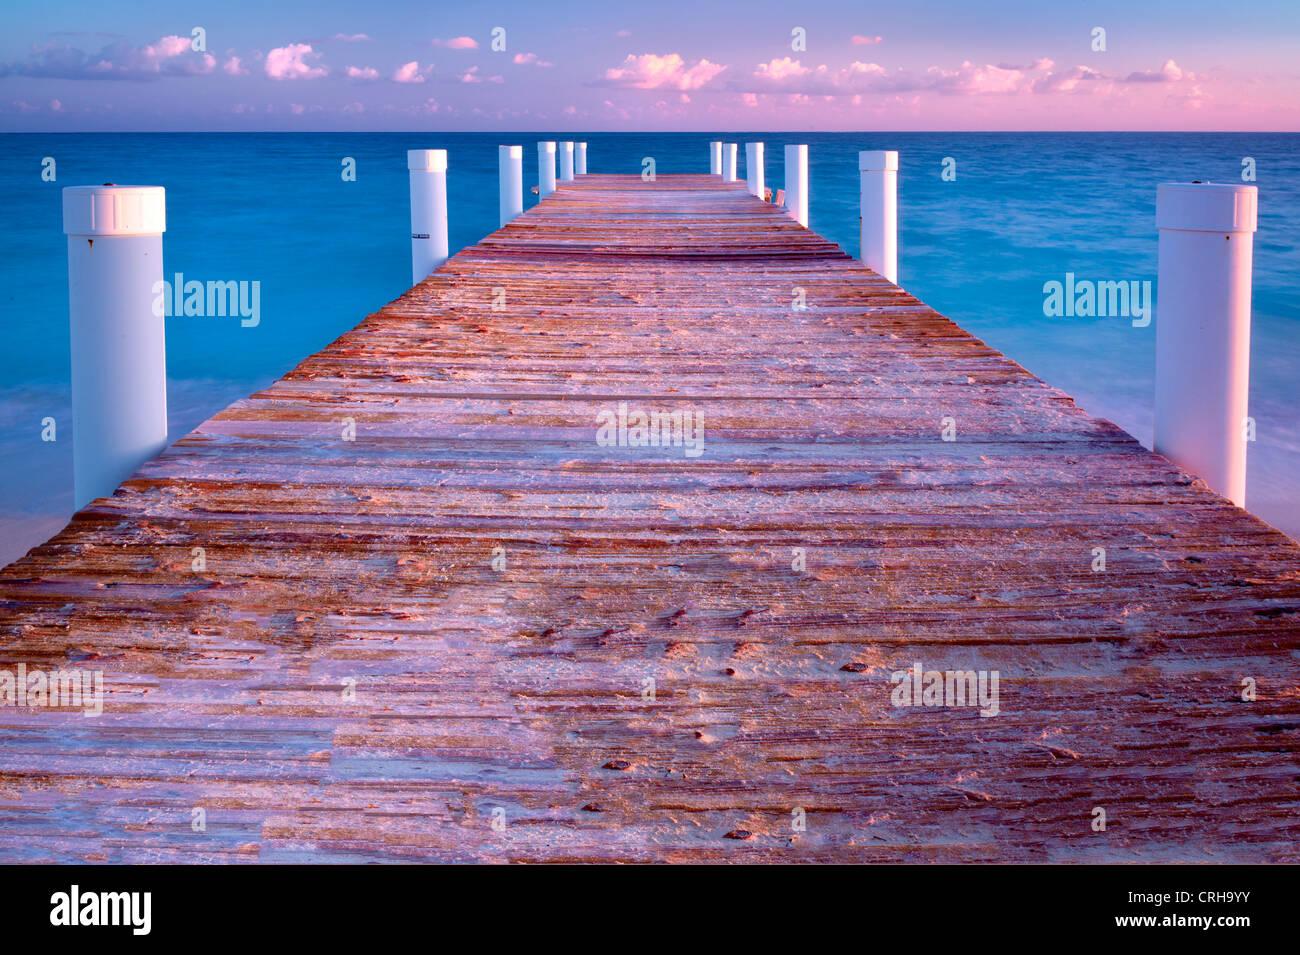 Dal Molo presso sunrise in Grace Bay. Providenciales. Isole Turks e Caicos. Immagini Stock